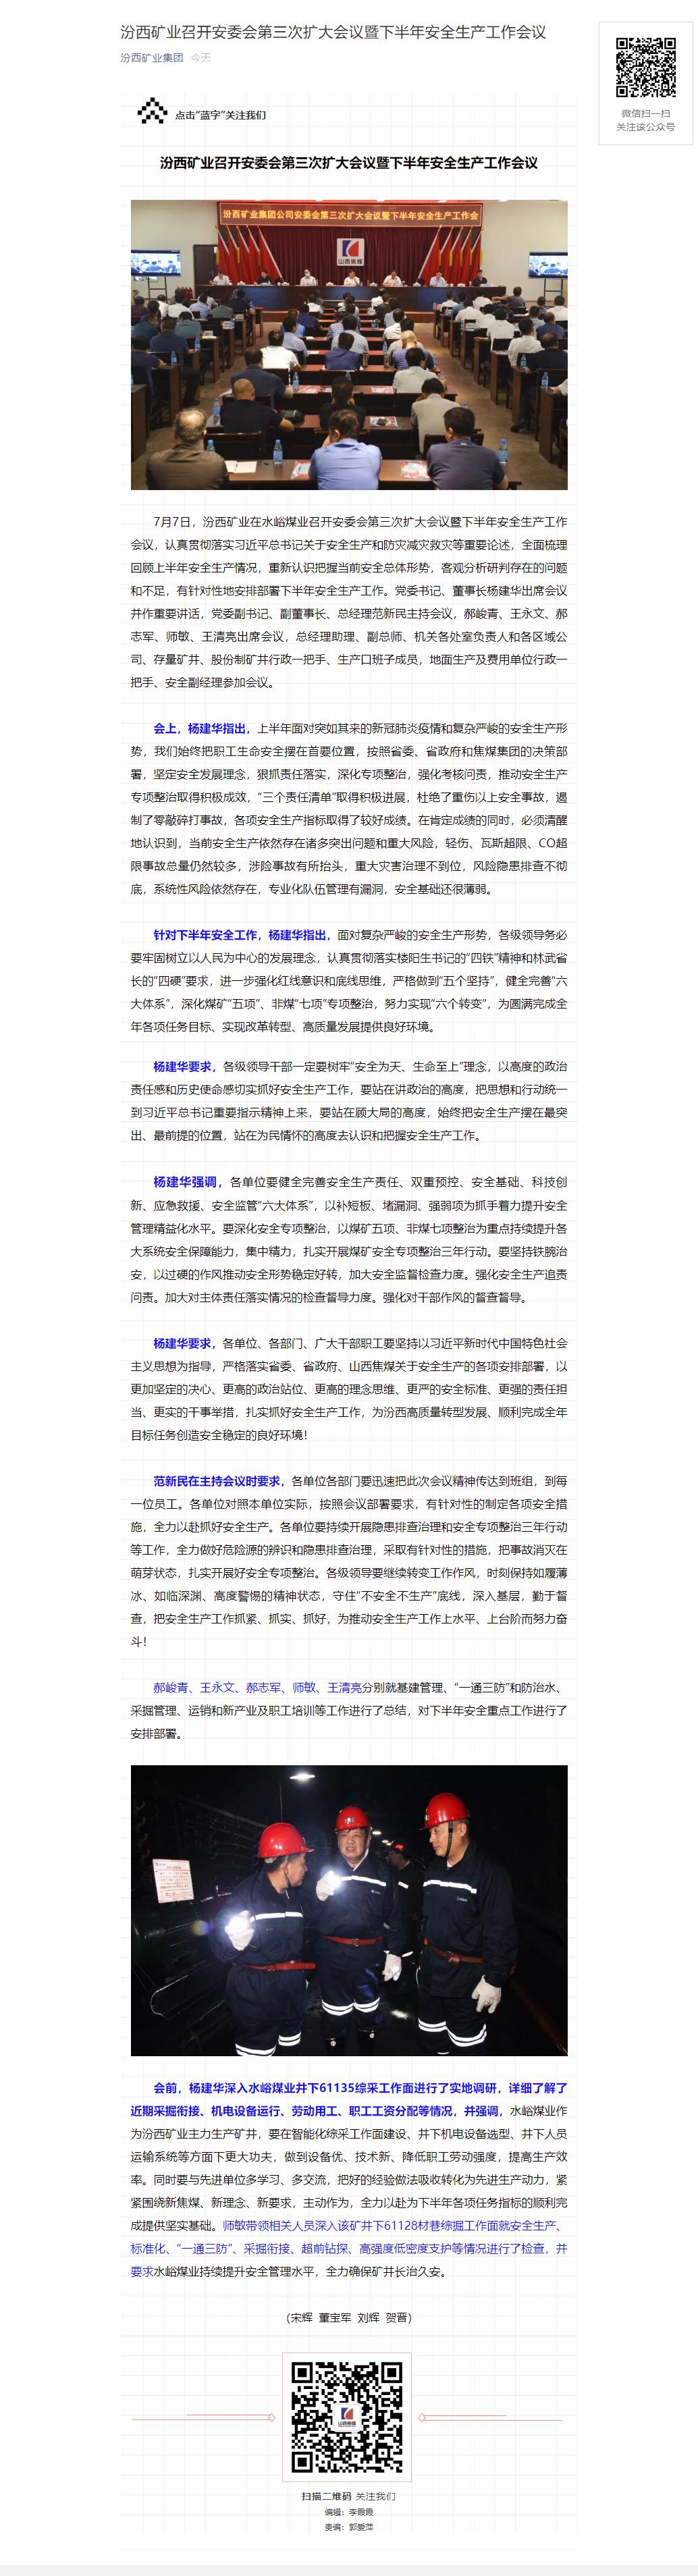 龙虎斗游戏矿业召开安委会第三次扩大会议暨下半年安全生产工作会议.png